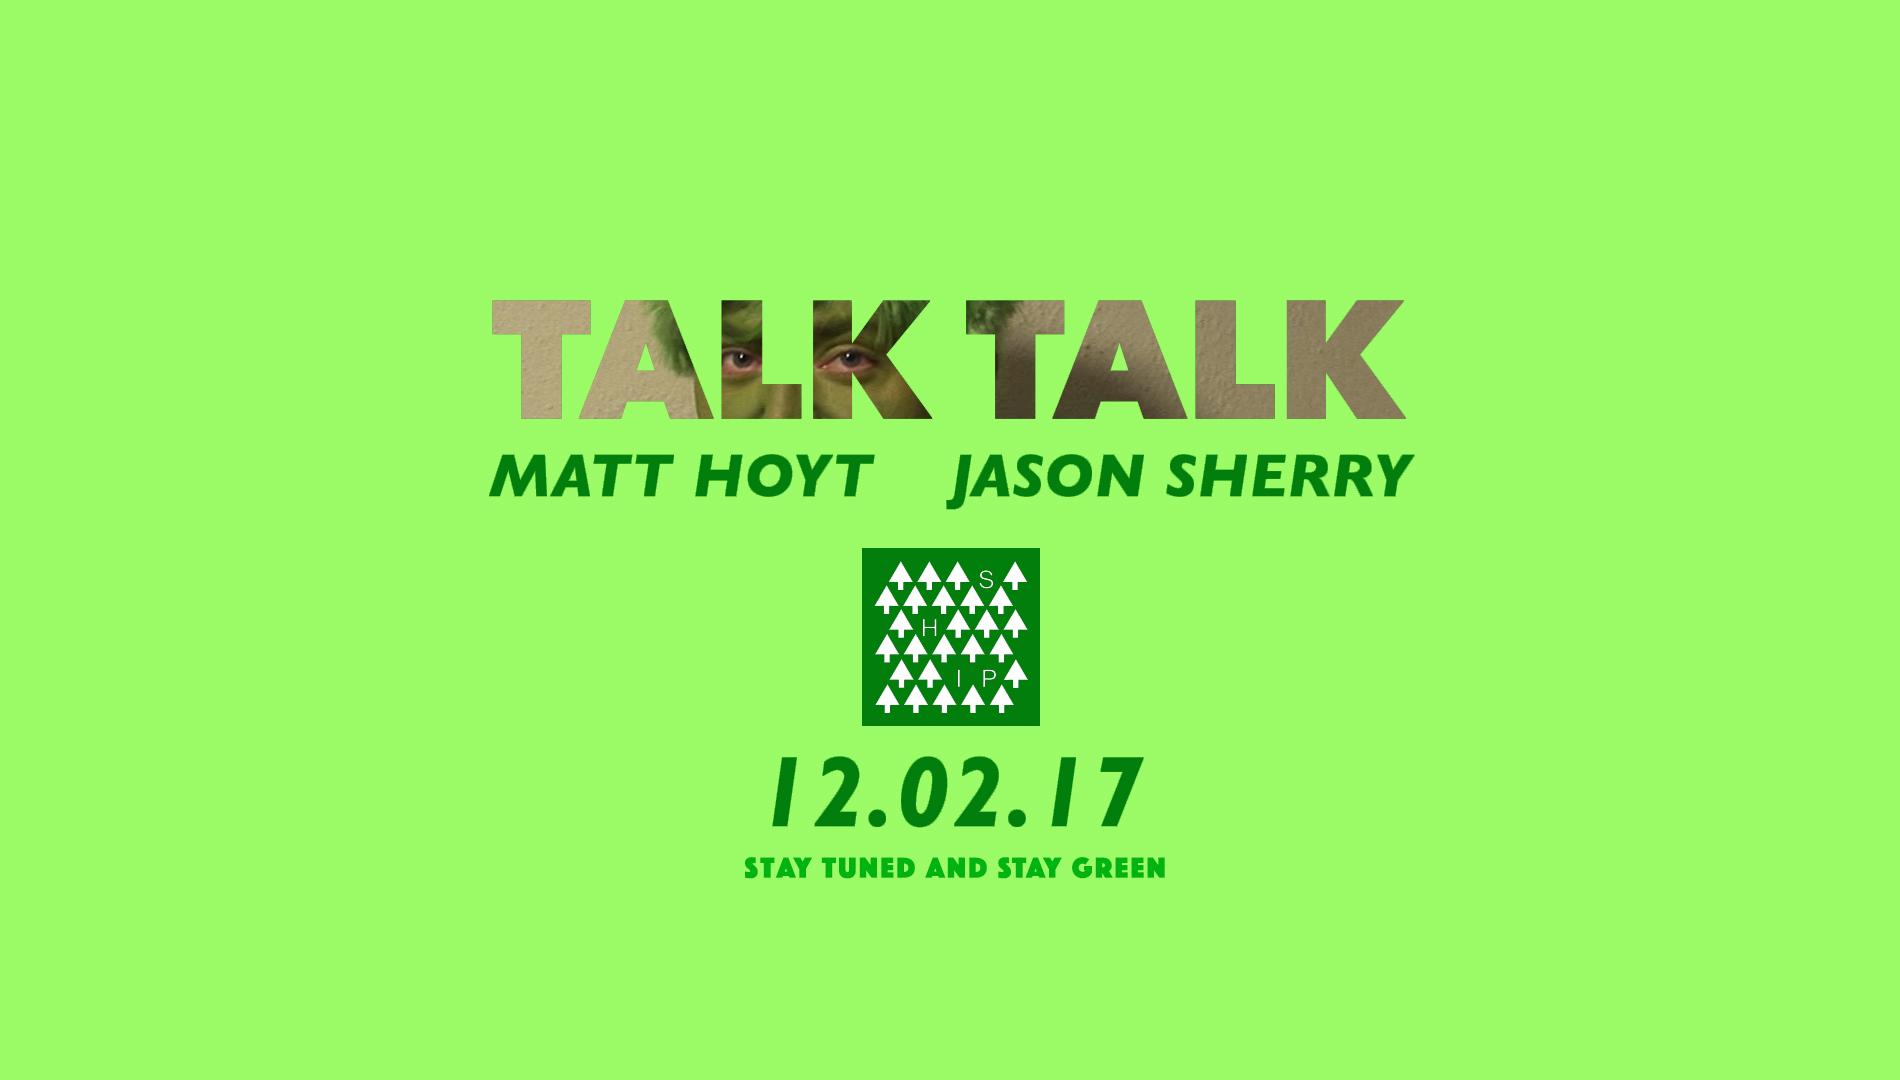 talk_talk_fbxX.jpg